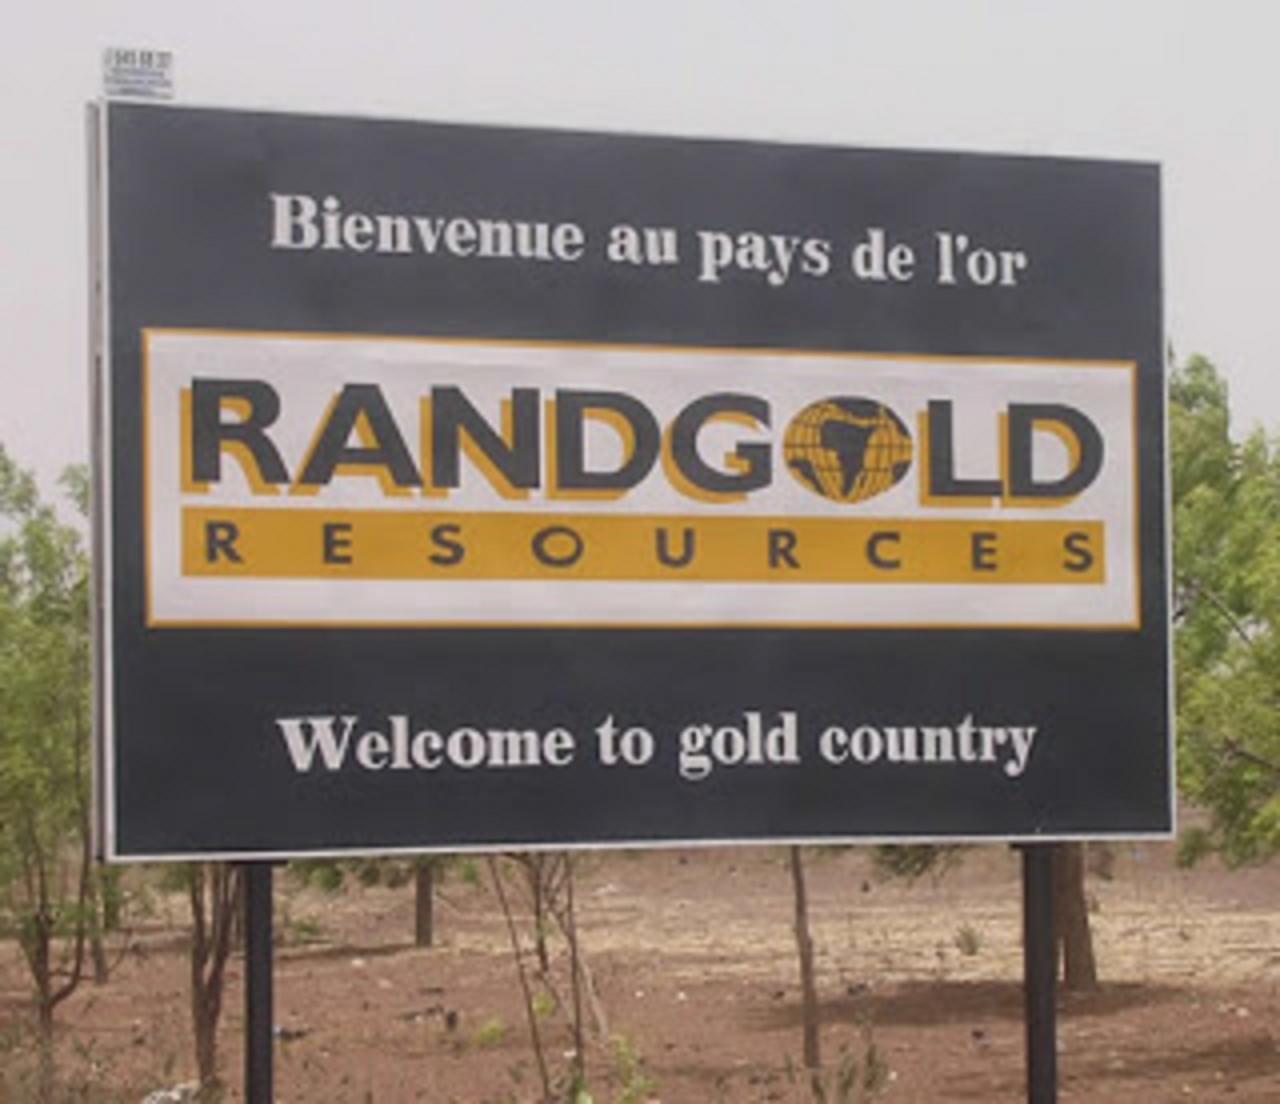 Ὁ πόλεμος στὸ Μάλι καὶ ὁ χρυσὸς τῶν Rothschild.3